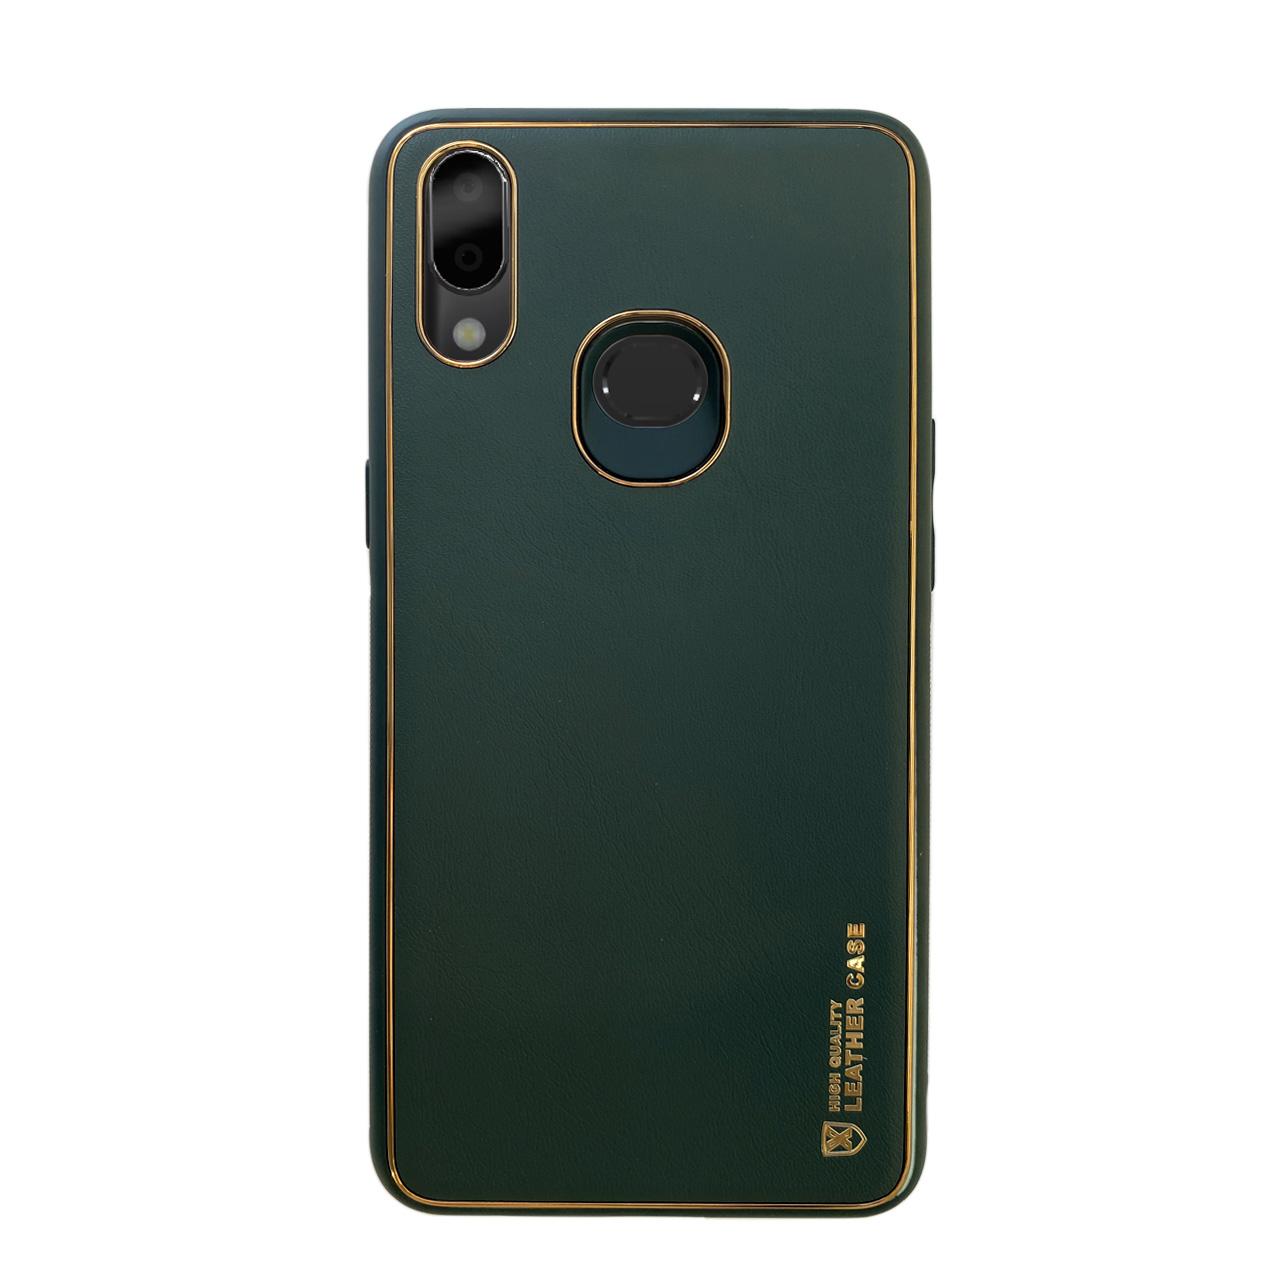 کاور دکین مدل LTRC مناسب برای گوشی موبایل سامسونگ Galaxy A10s